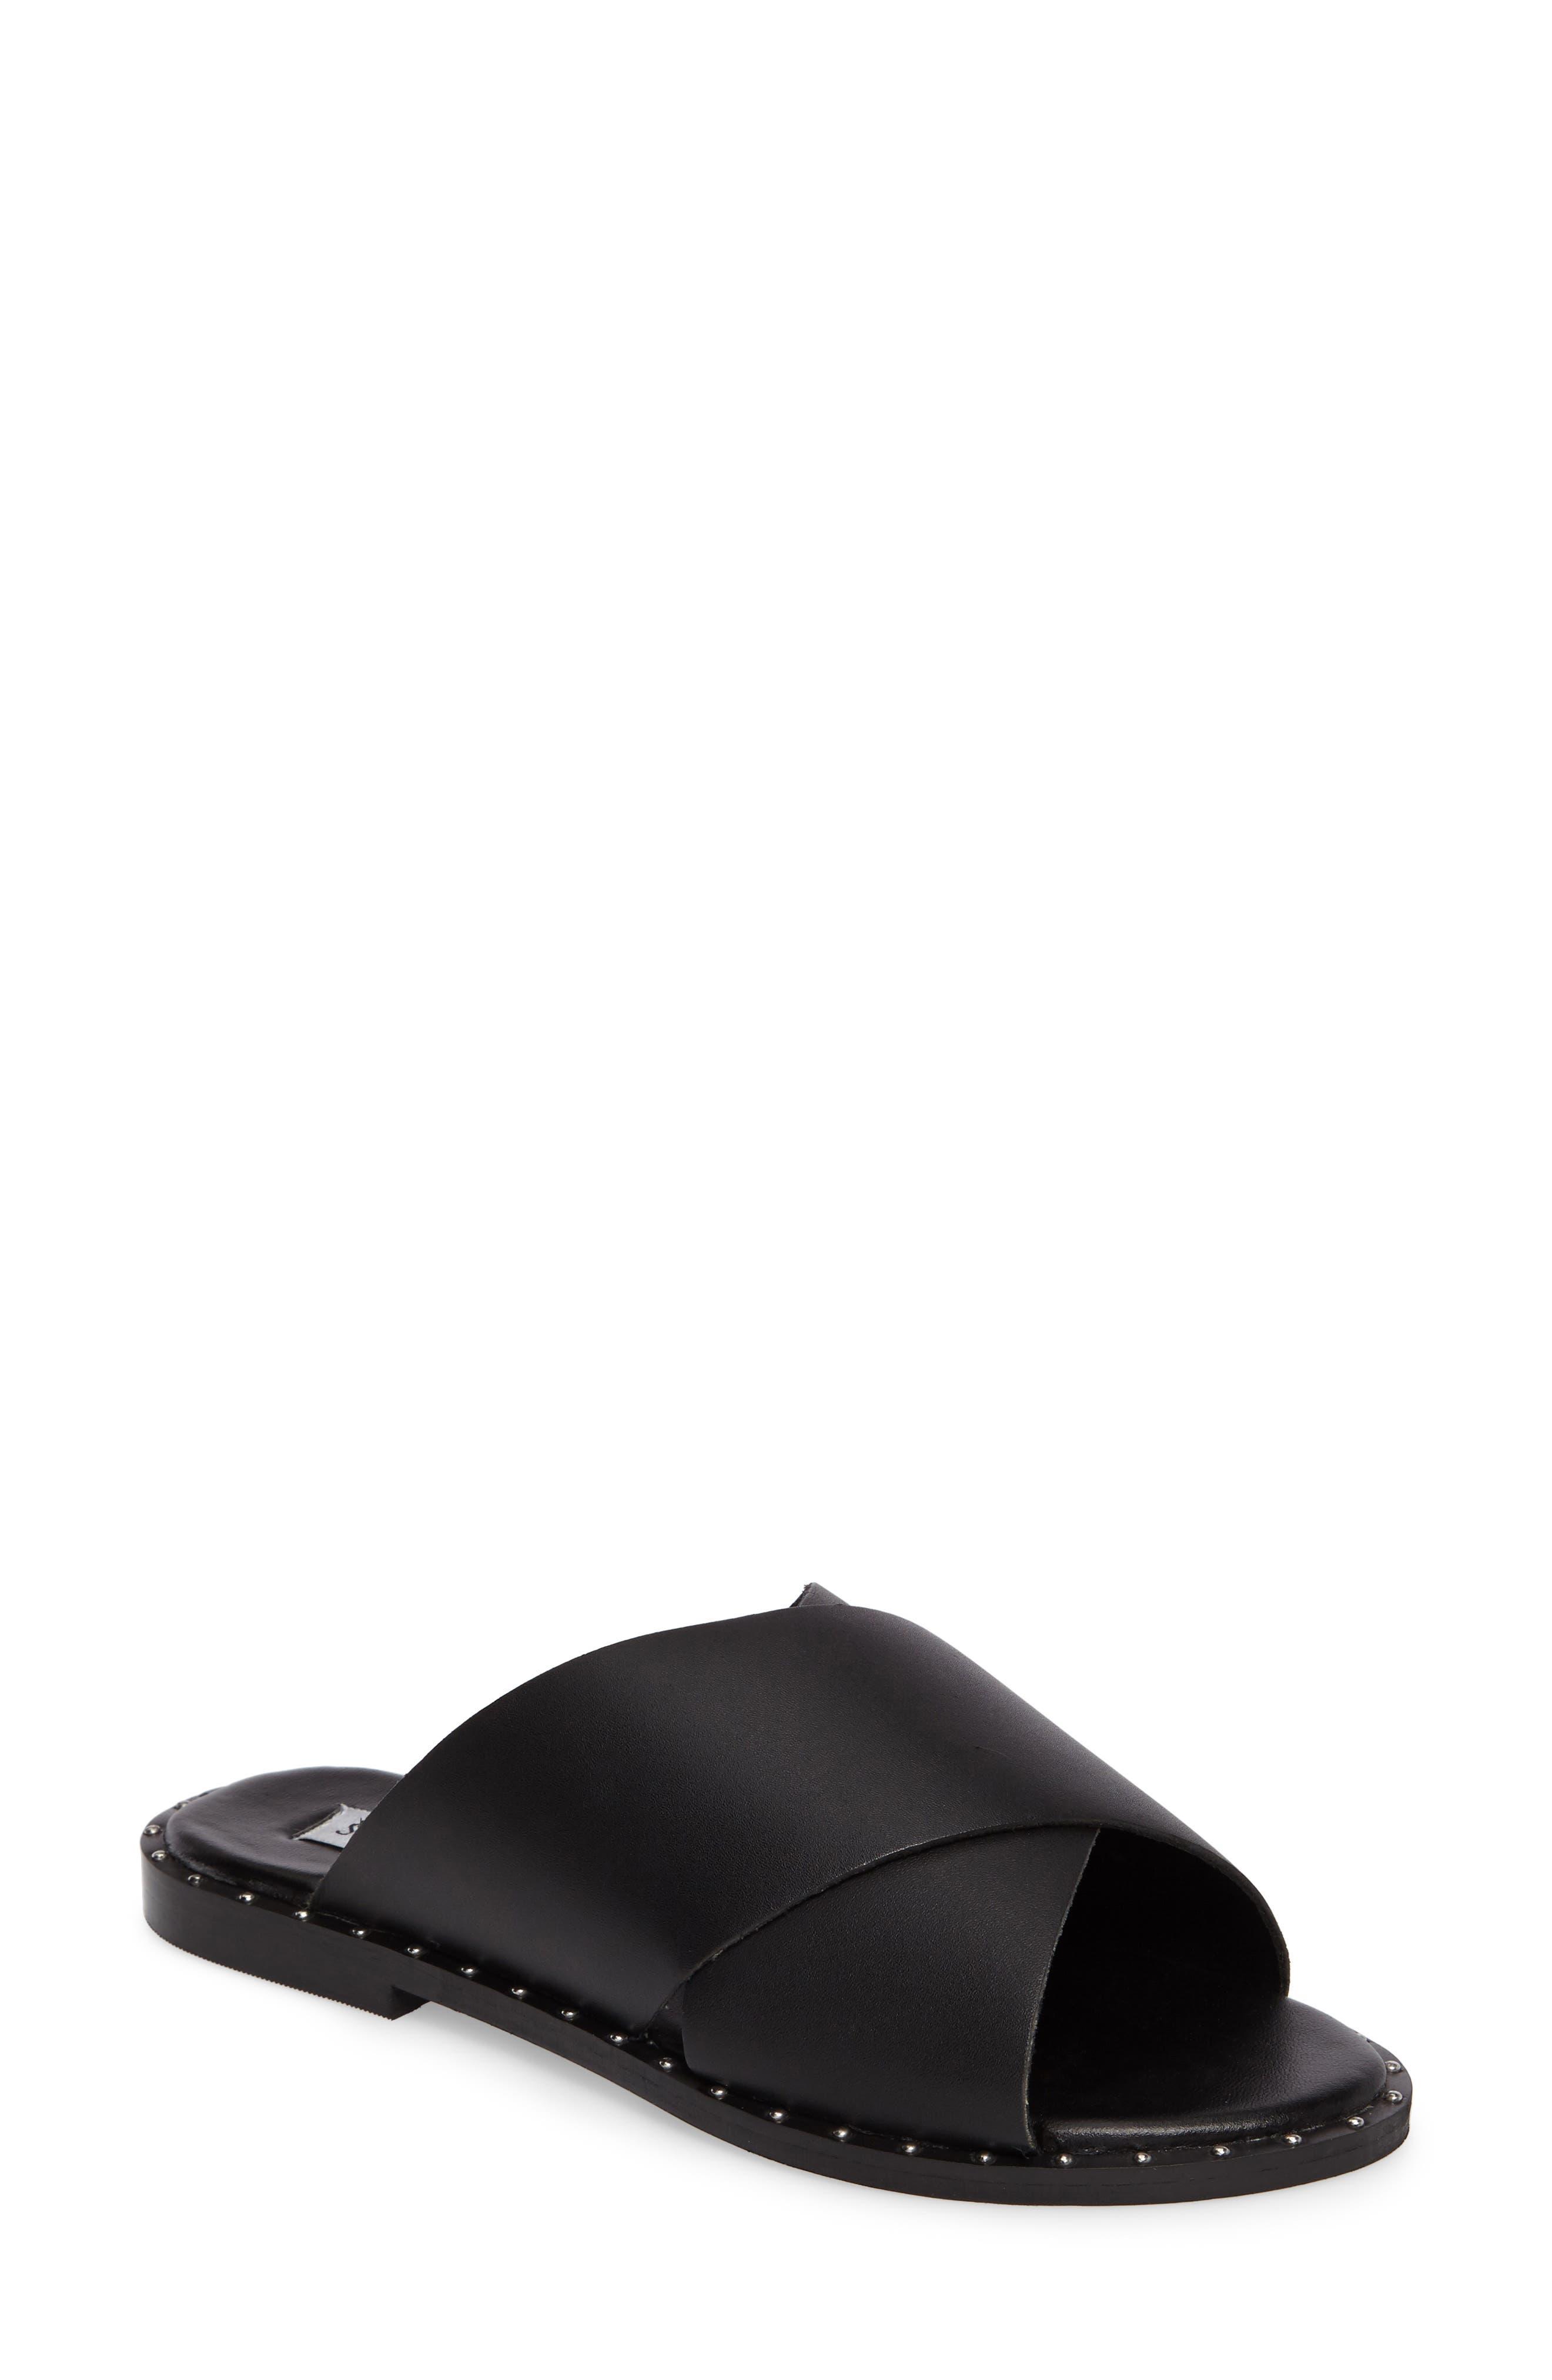 Alpha Slide Sandal,                         Main,                         color,